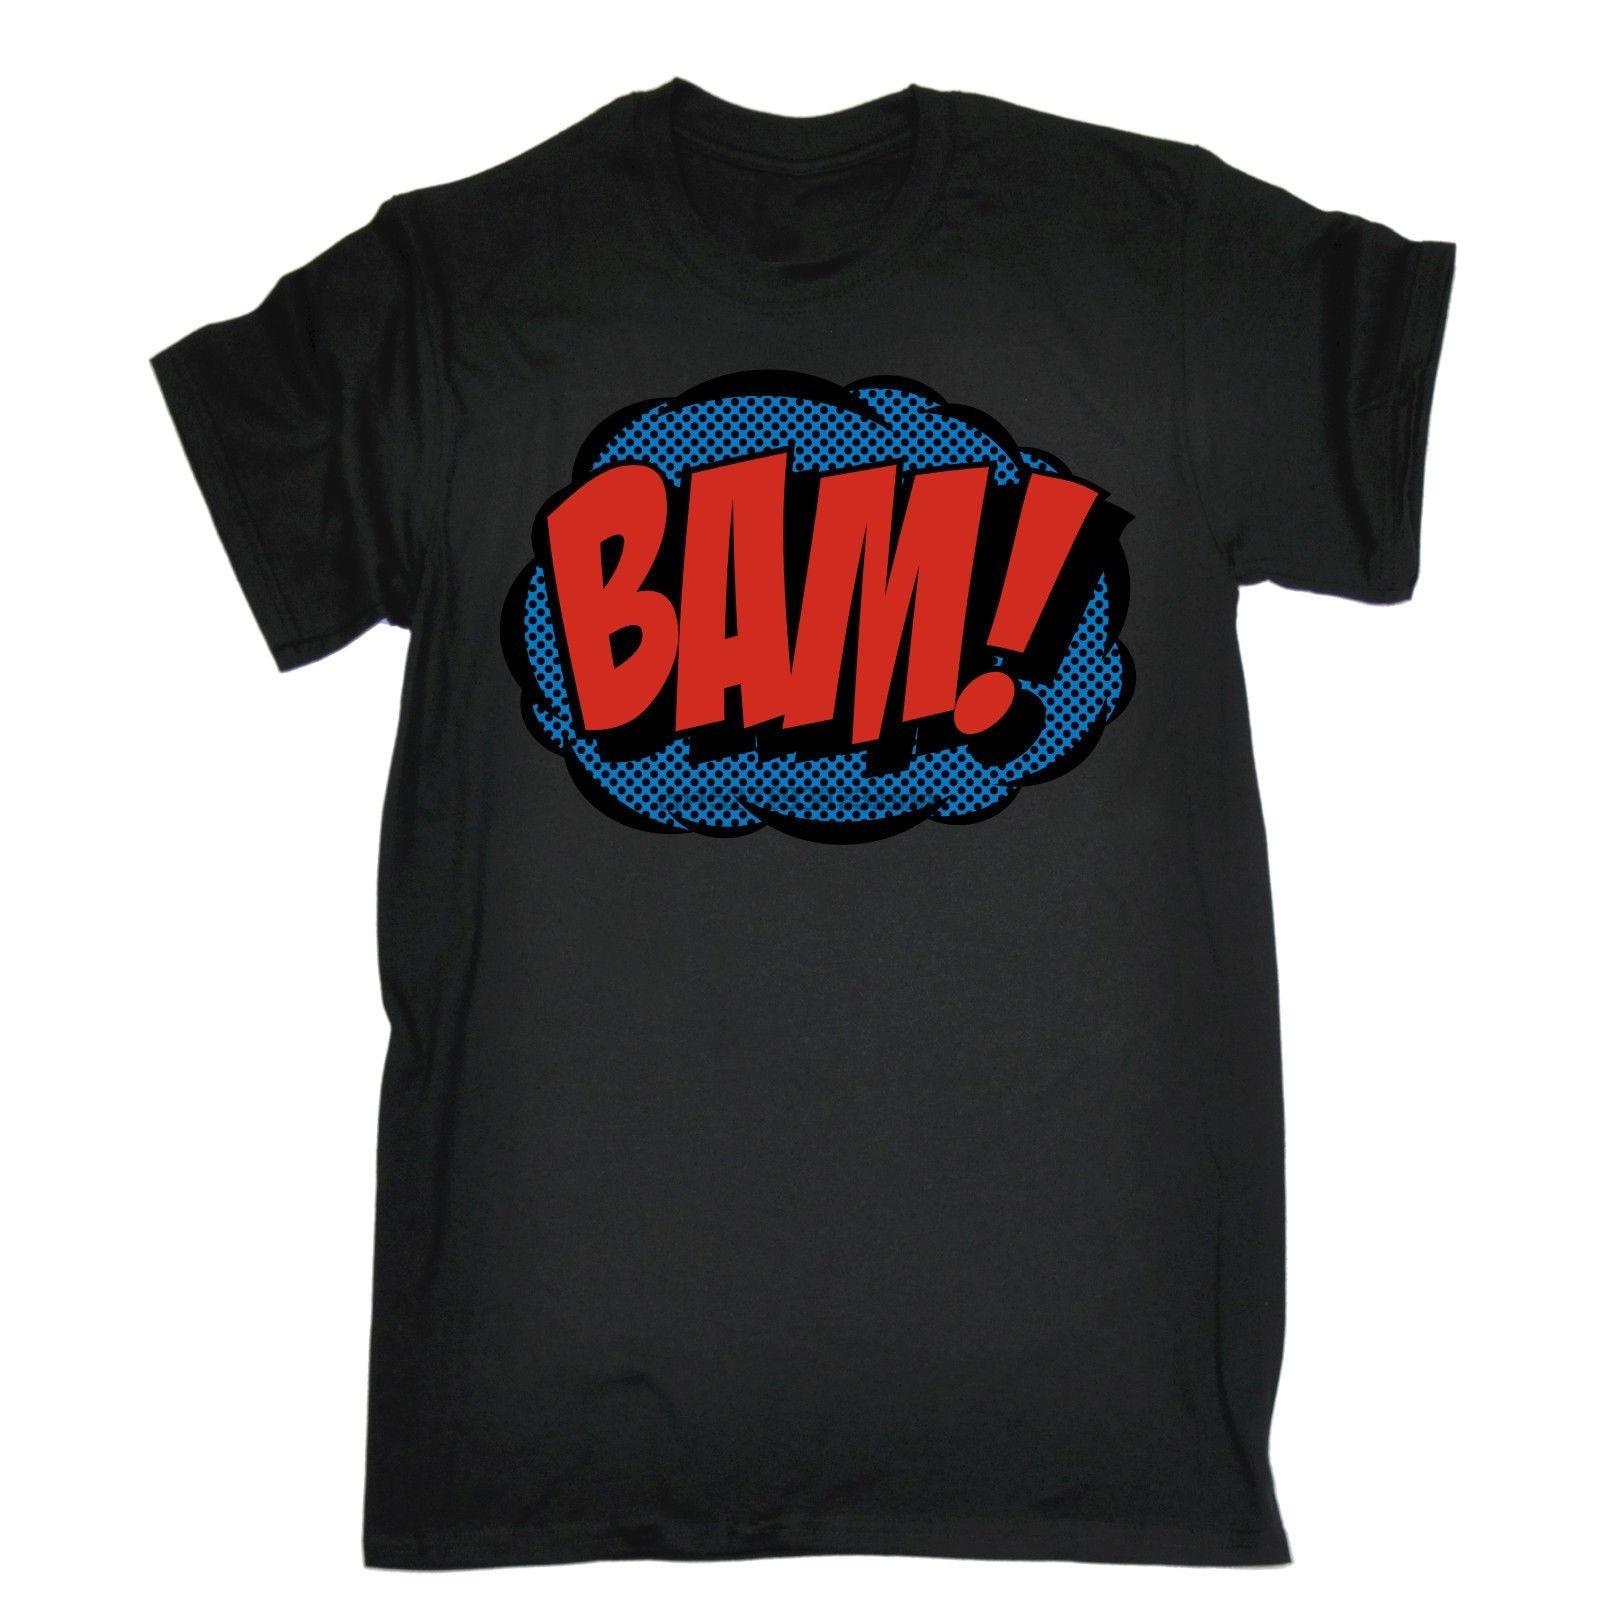 Comic camiseta Bam Tee cómics de superhéroes Geek arte Pop arte acción divertido regalo de cumpleaños de los hombres nuevos de alta calidad nueva moda T camisa